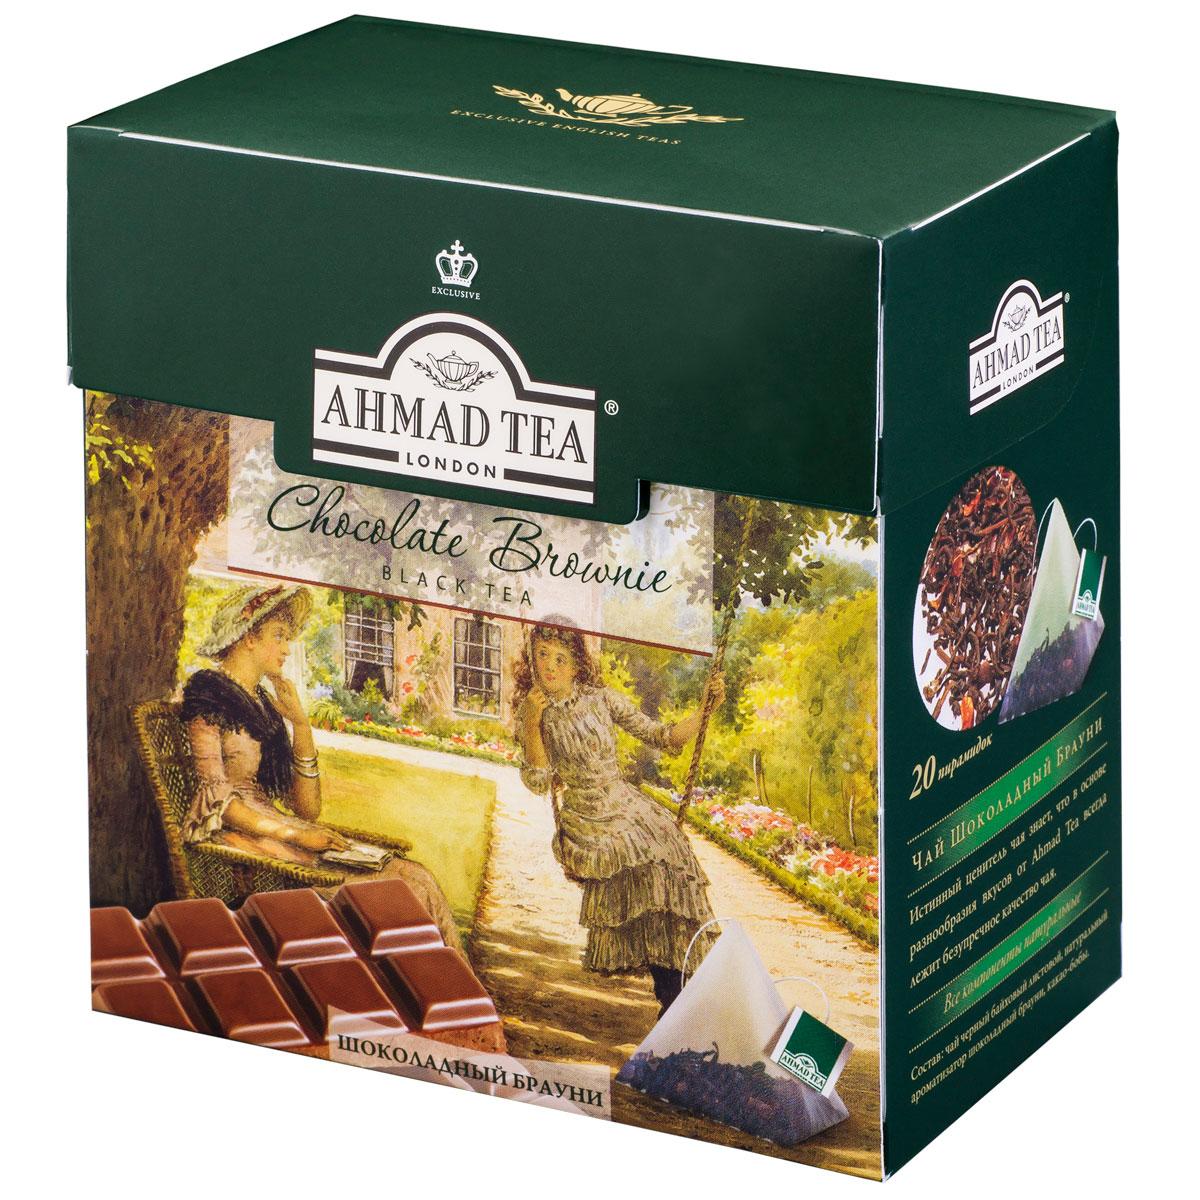 Ahmad Tea Chocolate Brownie черный чай в пирамидках, 20 шт1238Ahmad Tea Chocolate Brownie - это изысканный вкус черного шоколада в сочетании с терпким черным чаем провинции Ассам и утонченным цейлонским чаем. Безупречная лаконичность классического совершенства. Заваривать 5-7 минут, температура воды 100°С.